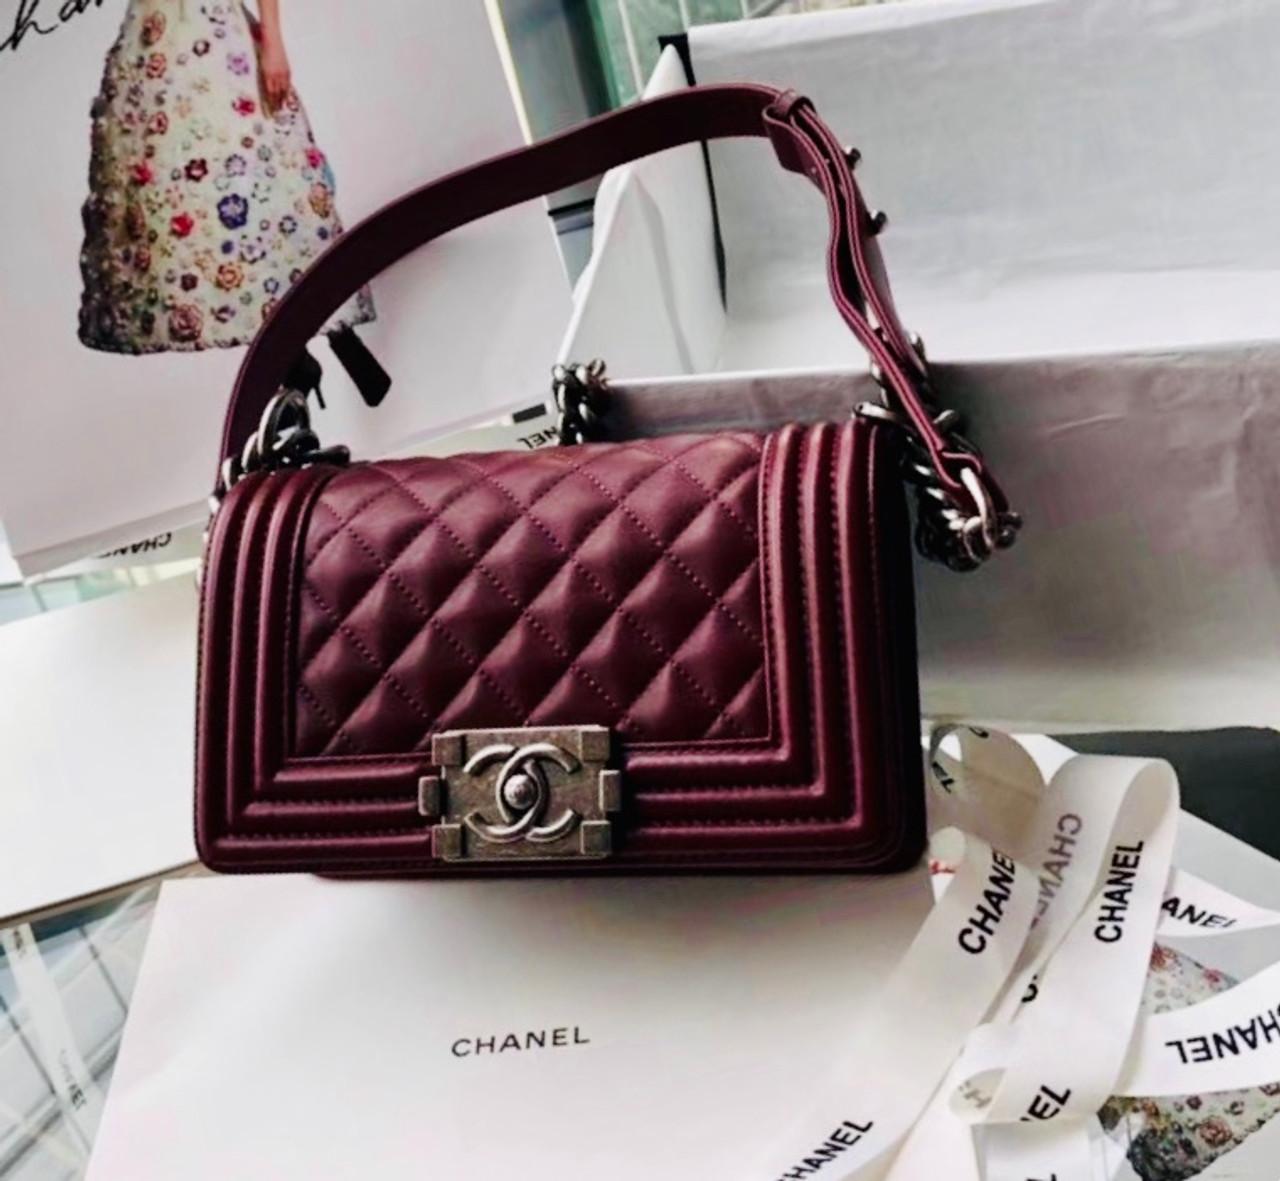 3c6af5b00 Chanel Small BOY CHANEL Handbag Bordeaux - Bella Vita Moda